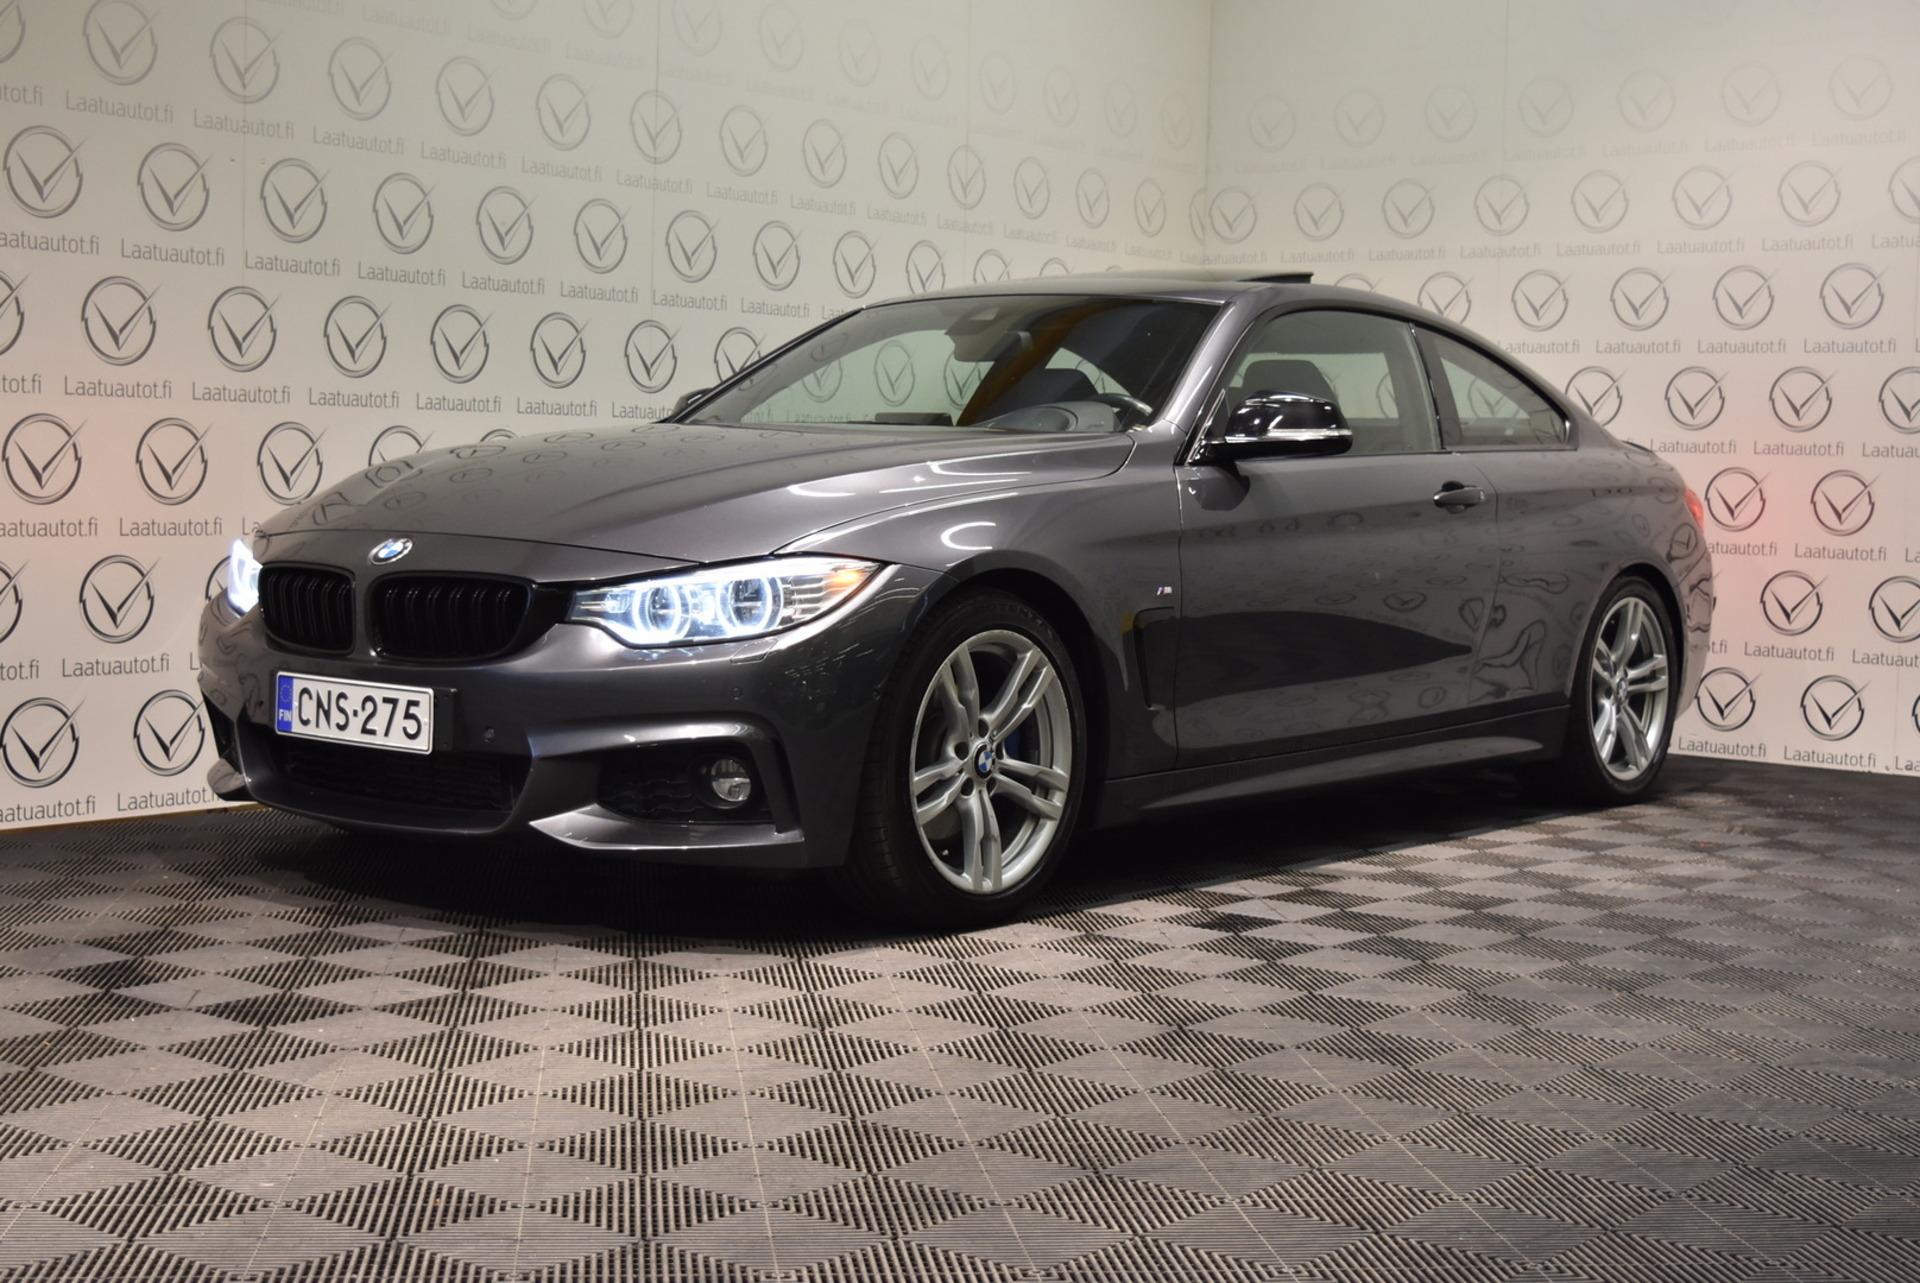 BMW 435 F32 Coupe TwinPower Turbo A xDrive M-Sport - Korko 1, 89%,  Rahoitus jopa ilman käsirahaa! Huippuvarusteet! Sporttinahat sähköllä,  SurroundView,  AdaptiveLed,  NaviPro,  HeadUp yms. !